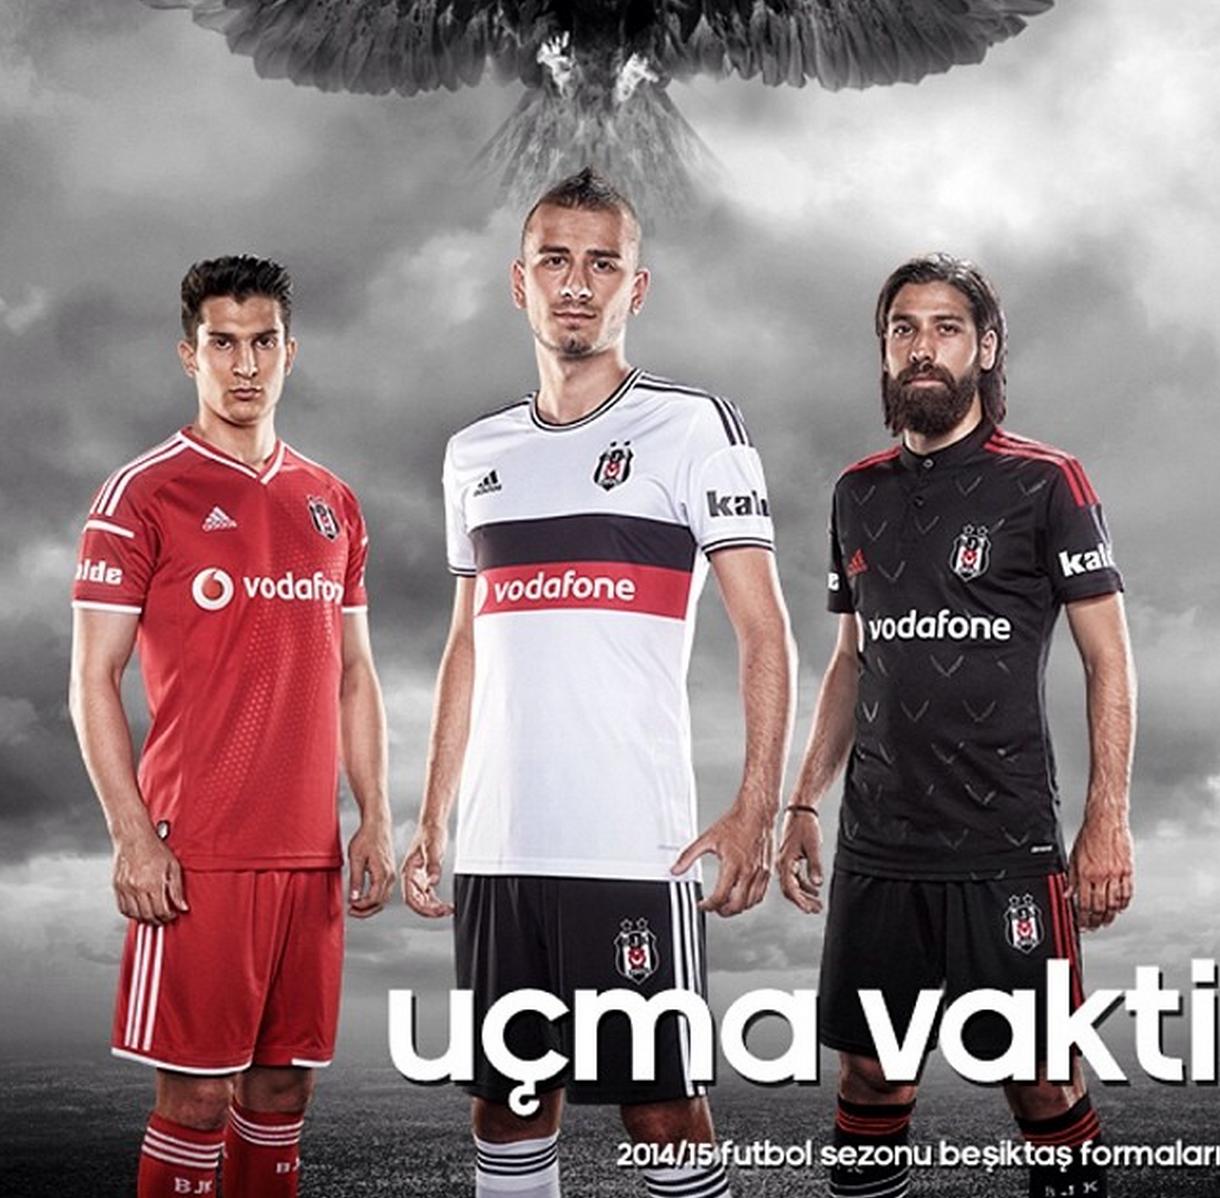 Beşiktaş 2014 / 2015 Formaları ve Tanıtımı